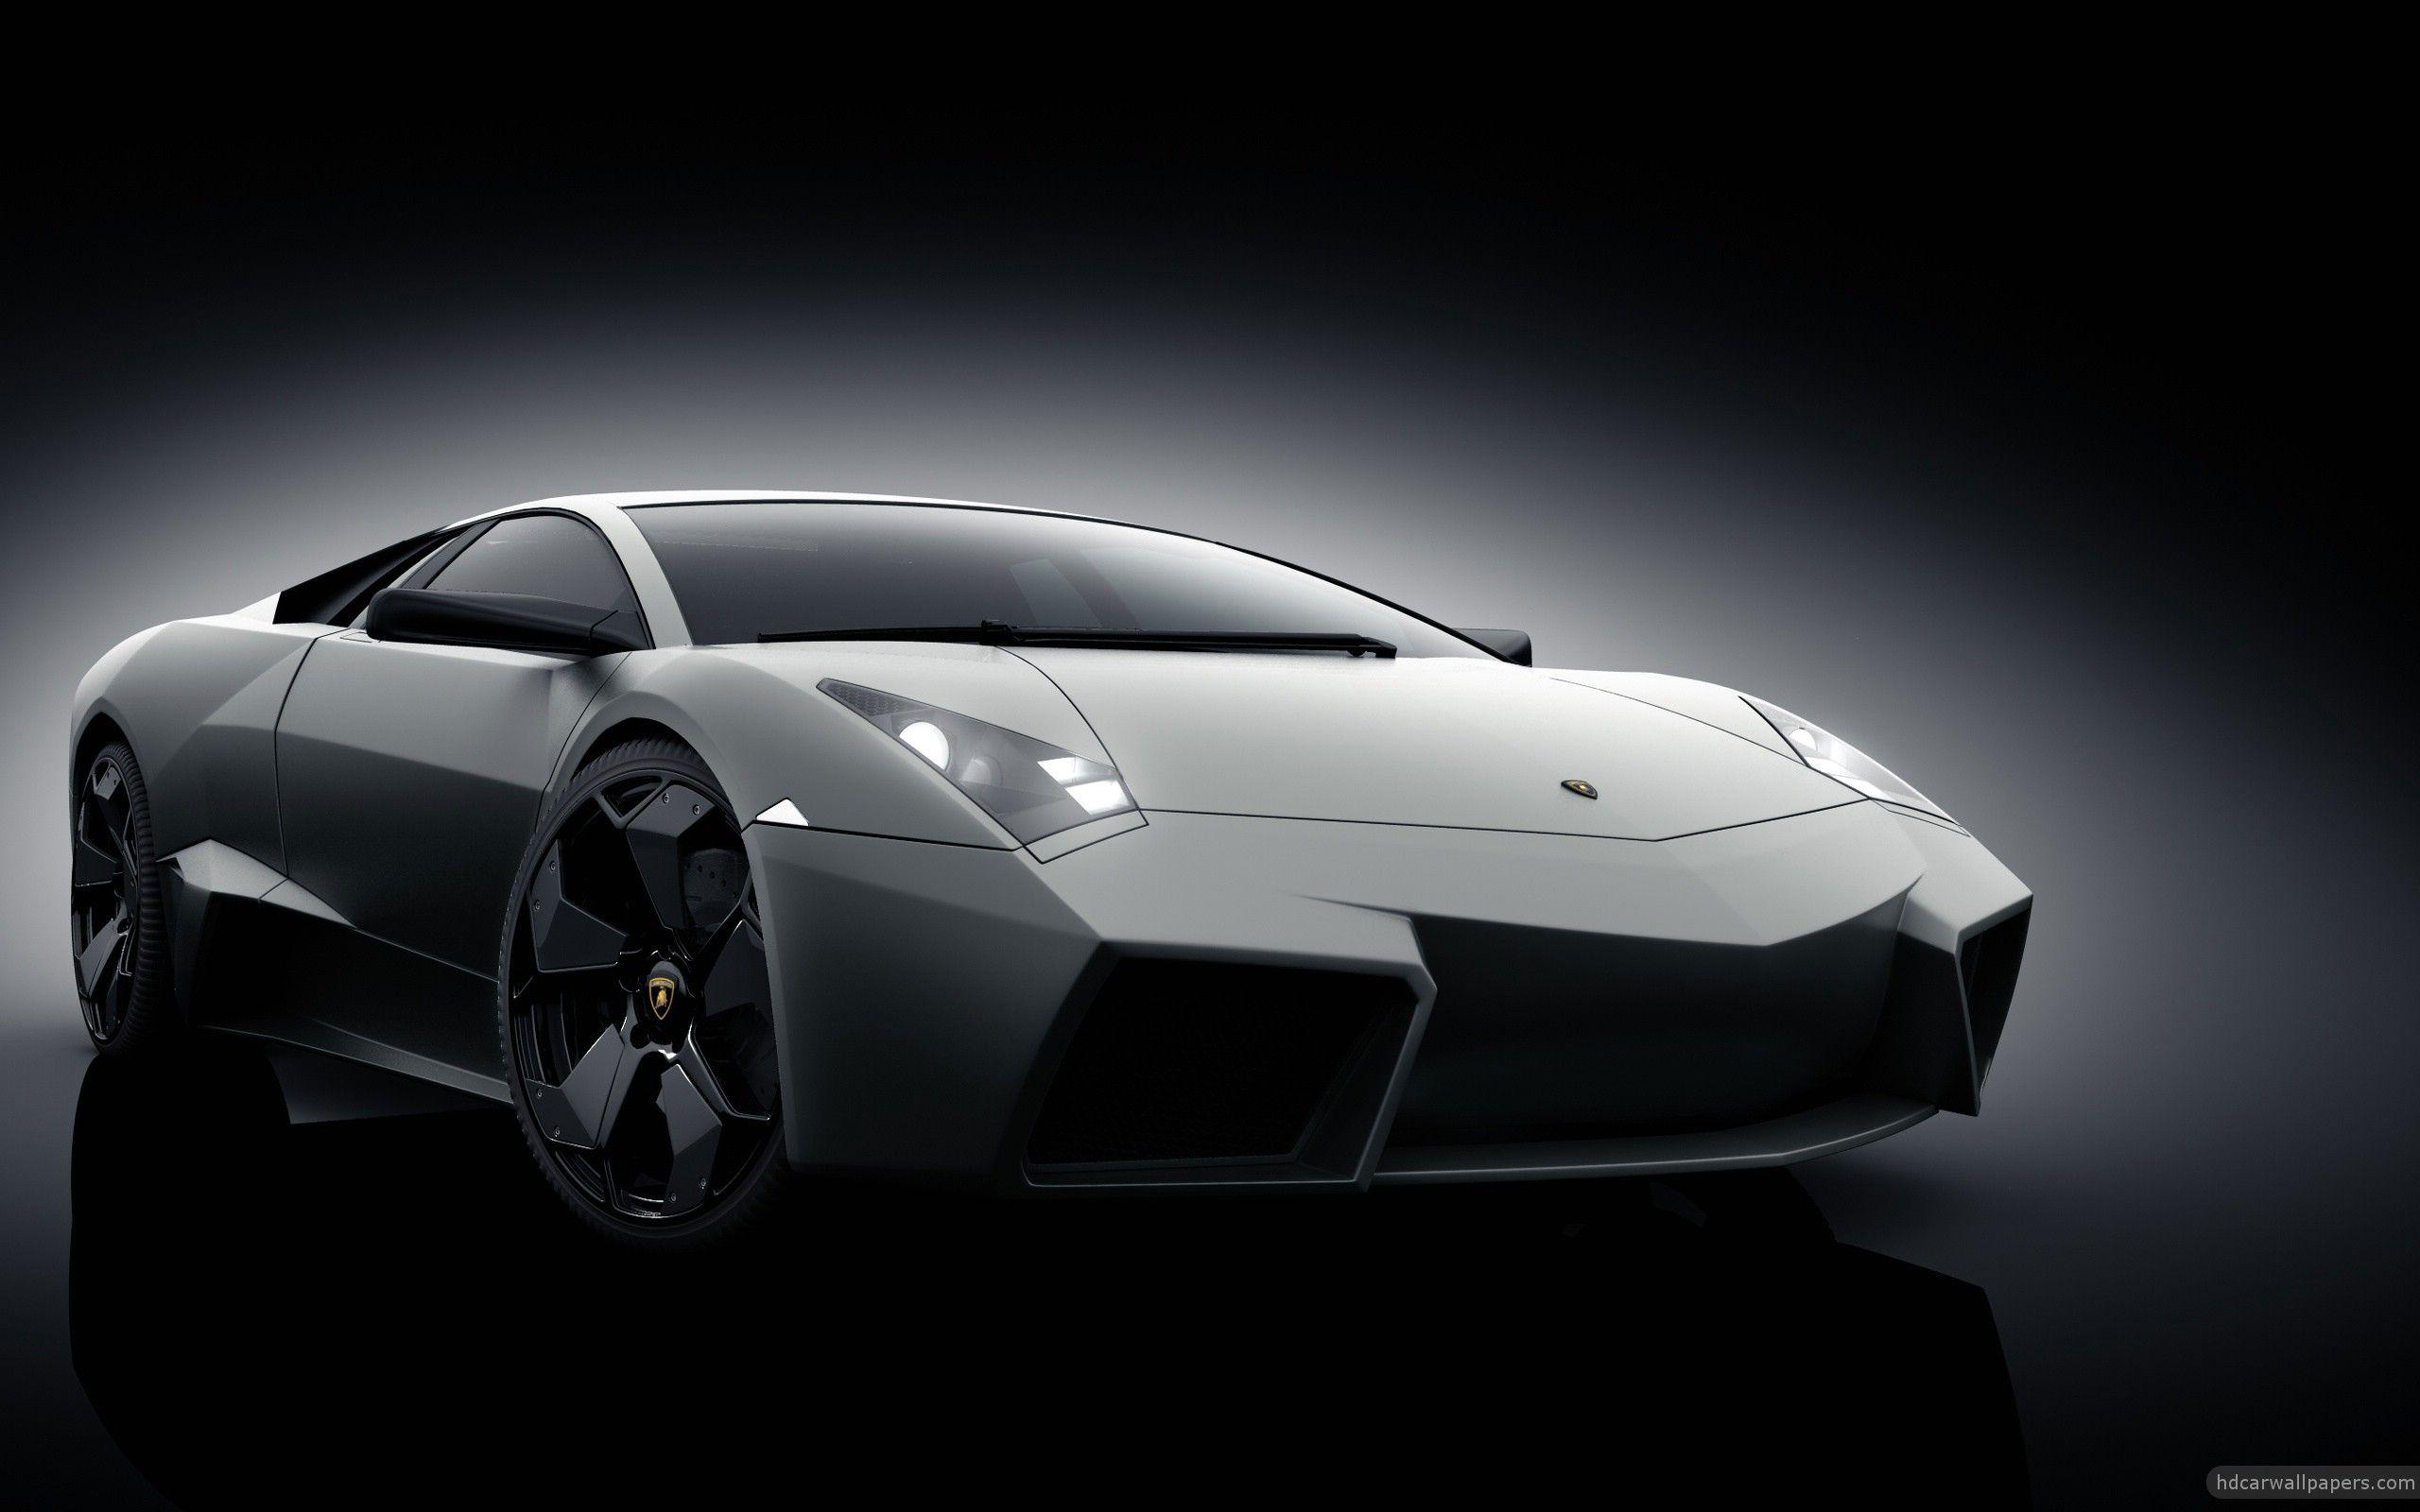 Lamborghini Desktop Backgrounds Wallpapers K Pinterest Lamborghini Desktop Backgrounds And Wallpaper